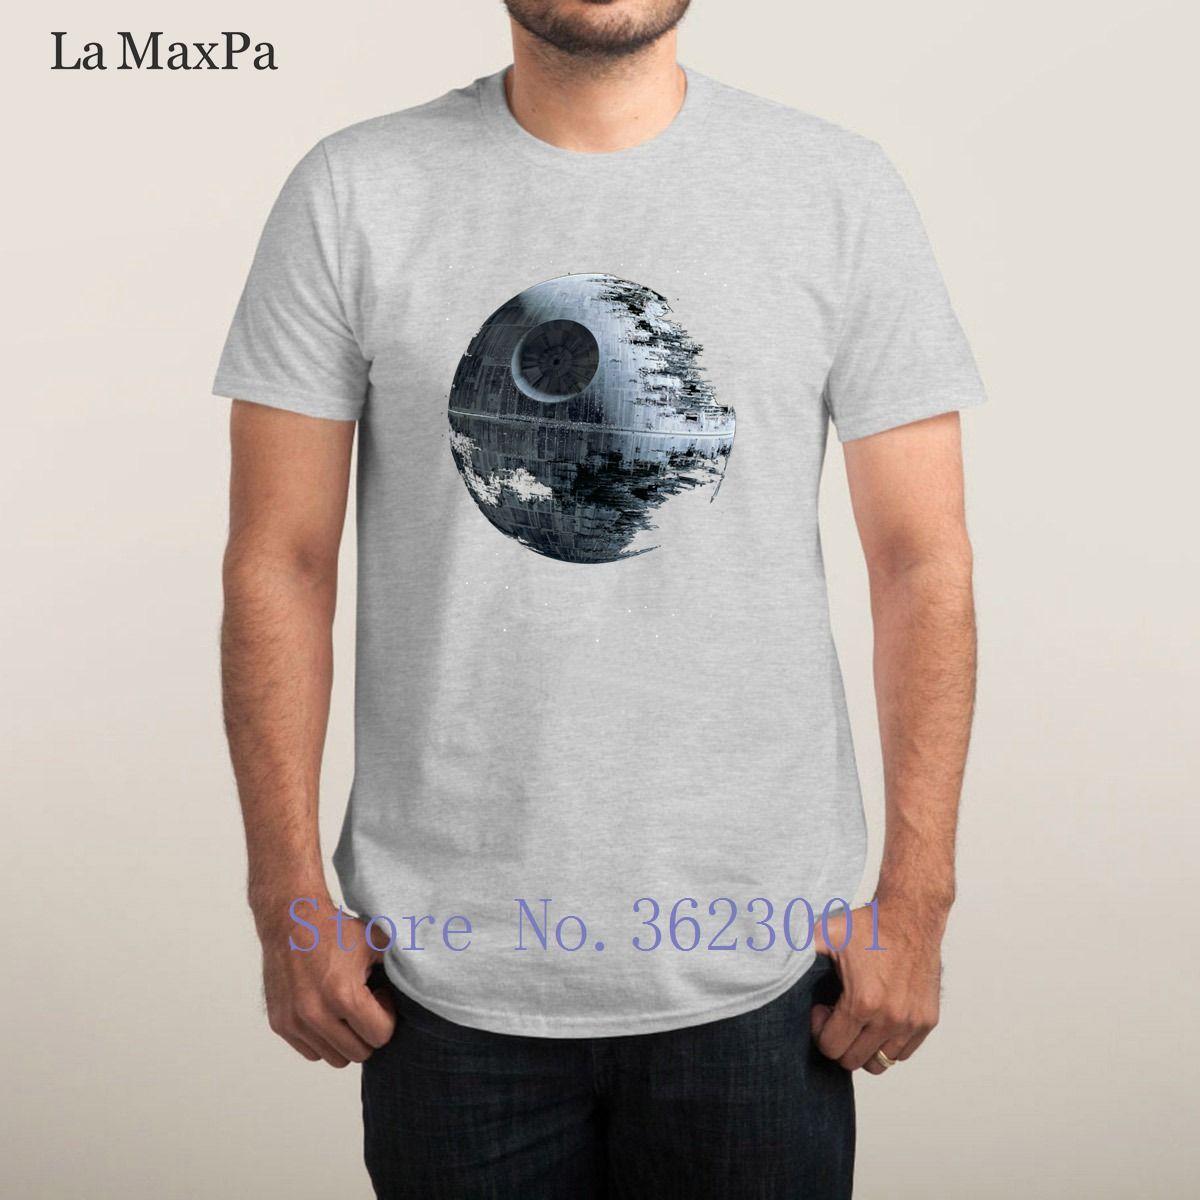 Tasarımları İnce erkekler Büyük Yaz Stili Yeni Kısa Kollu Tee Gömlek Man Hiphop Top İçin T Gömlek Ölüm Yıldızı mens